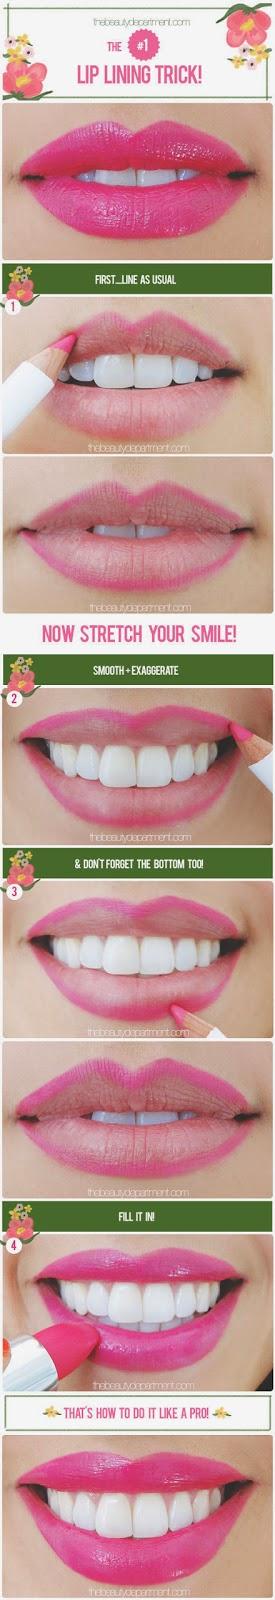 cara memakai pensil bibir